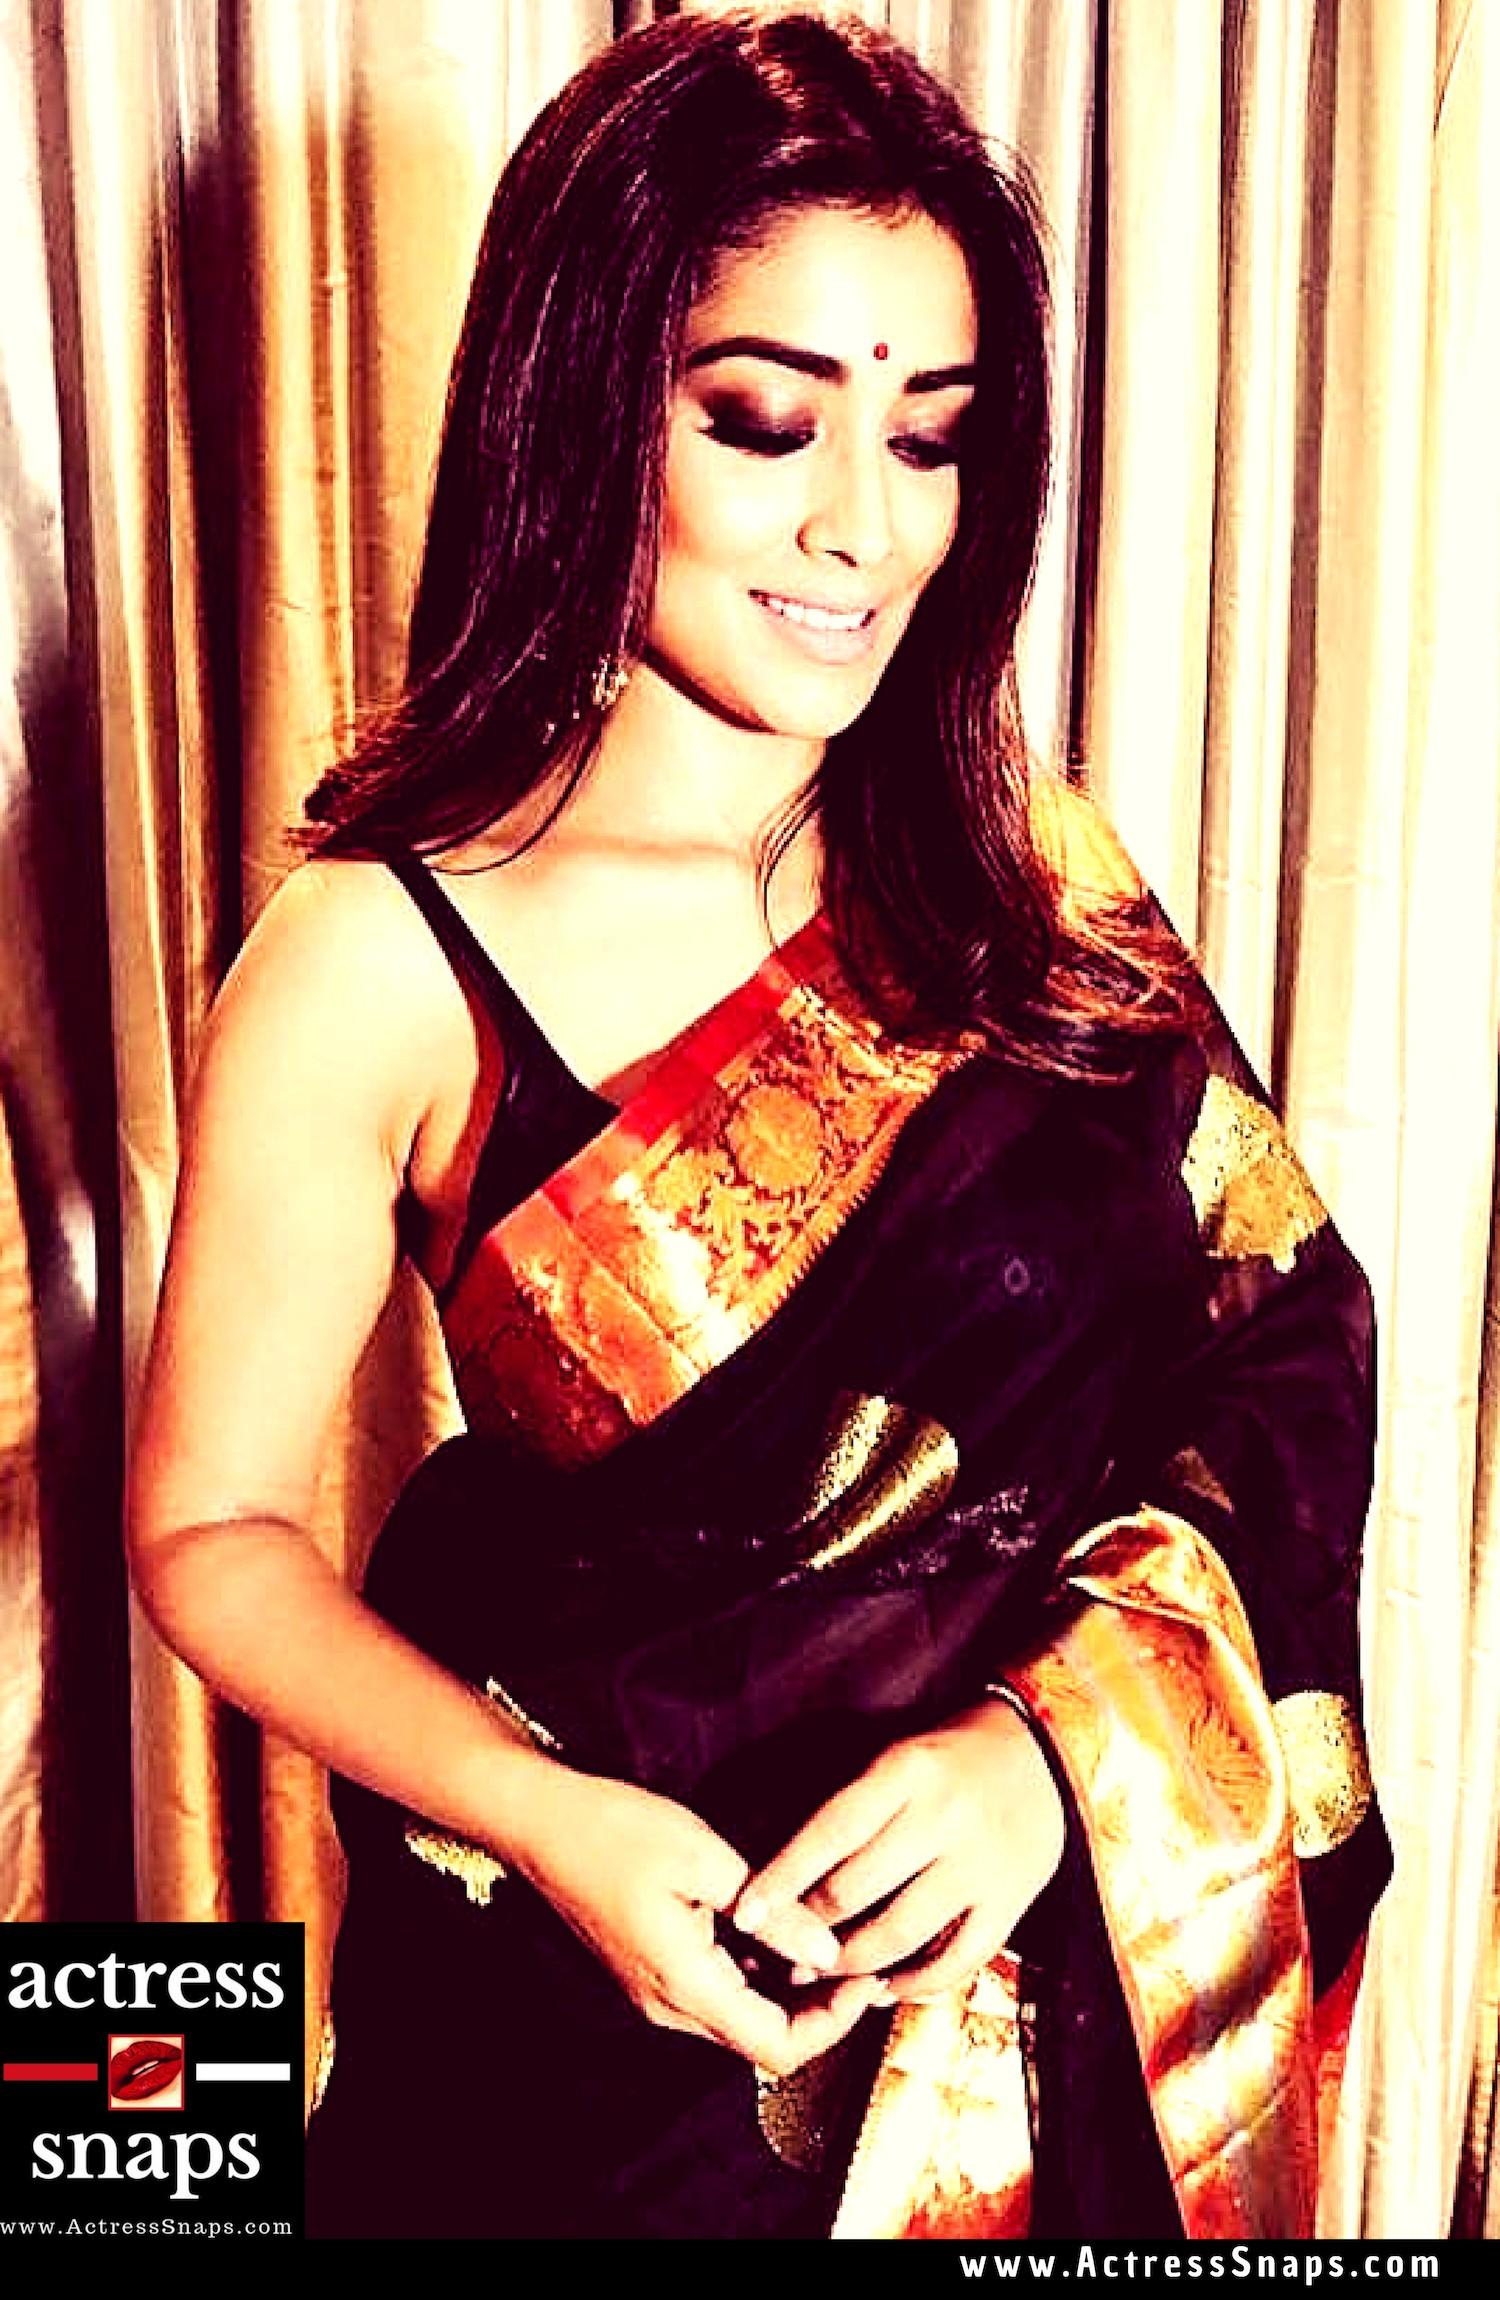 Sexy Shriya Saran Instagram Photos - Sexy Actress Pictures | Hot Actress Pictures - ActressSnaps.com